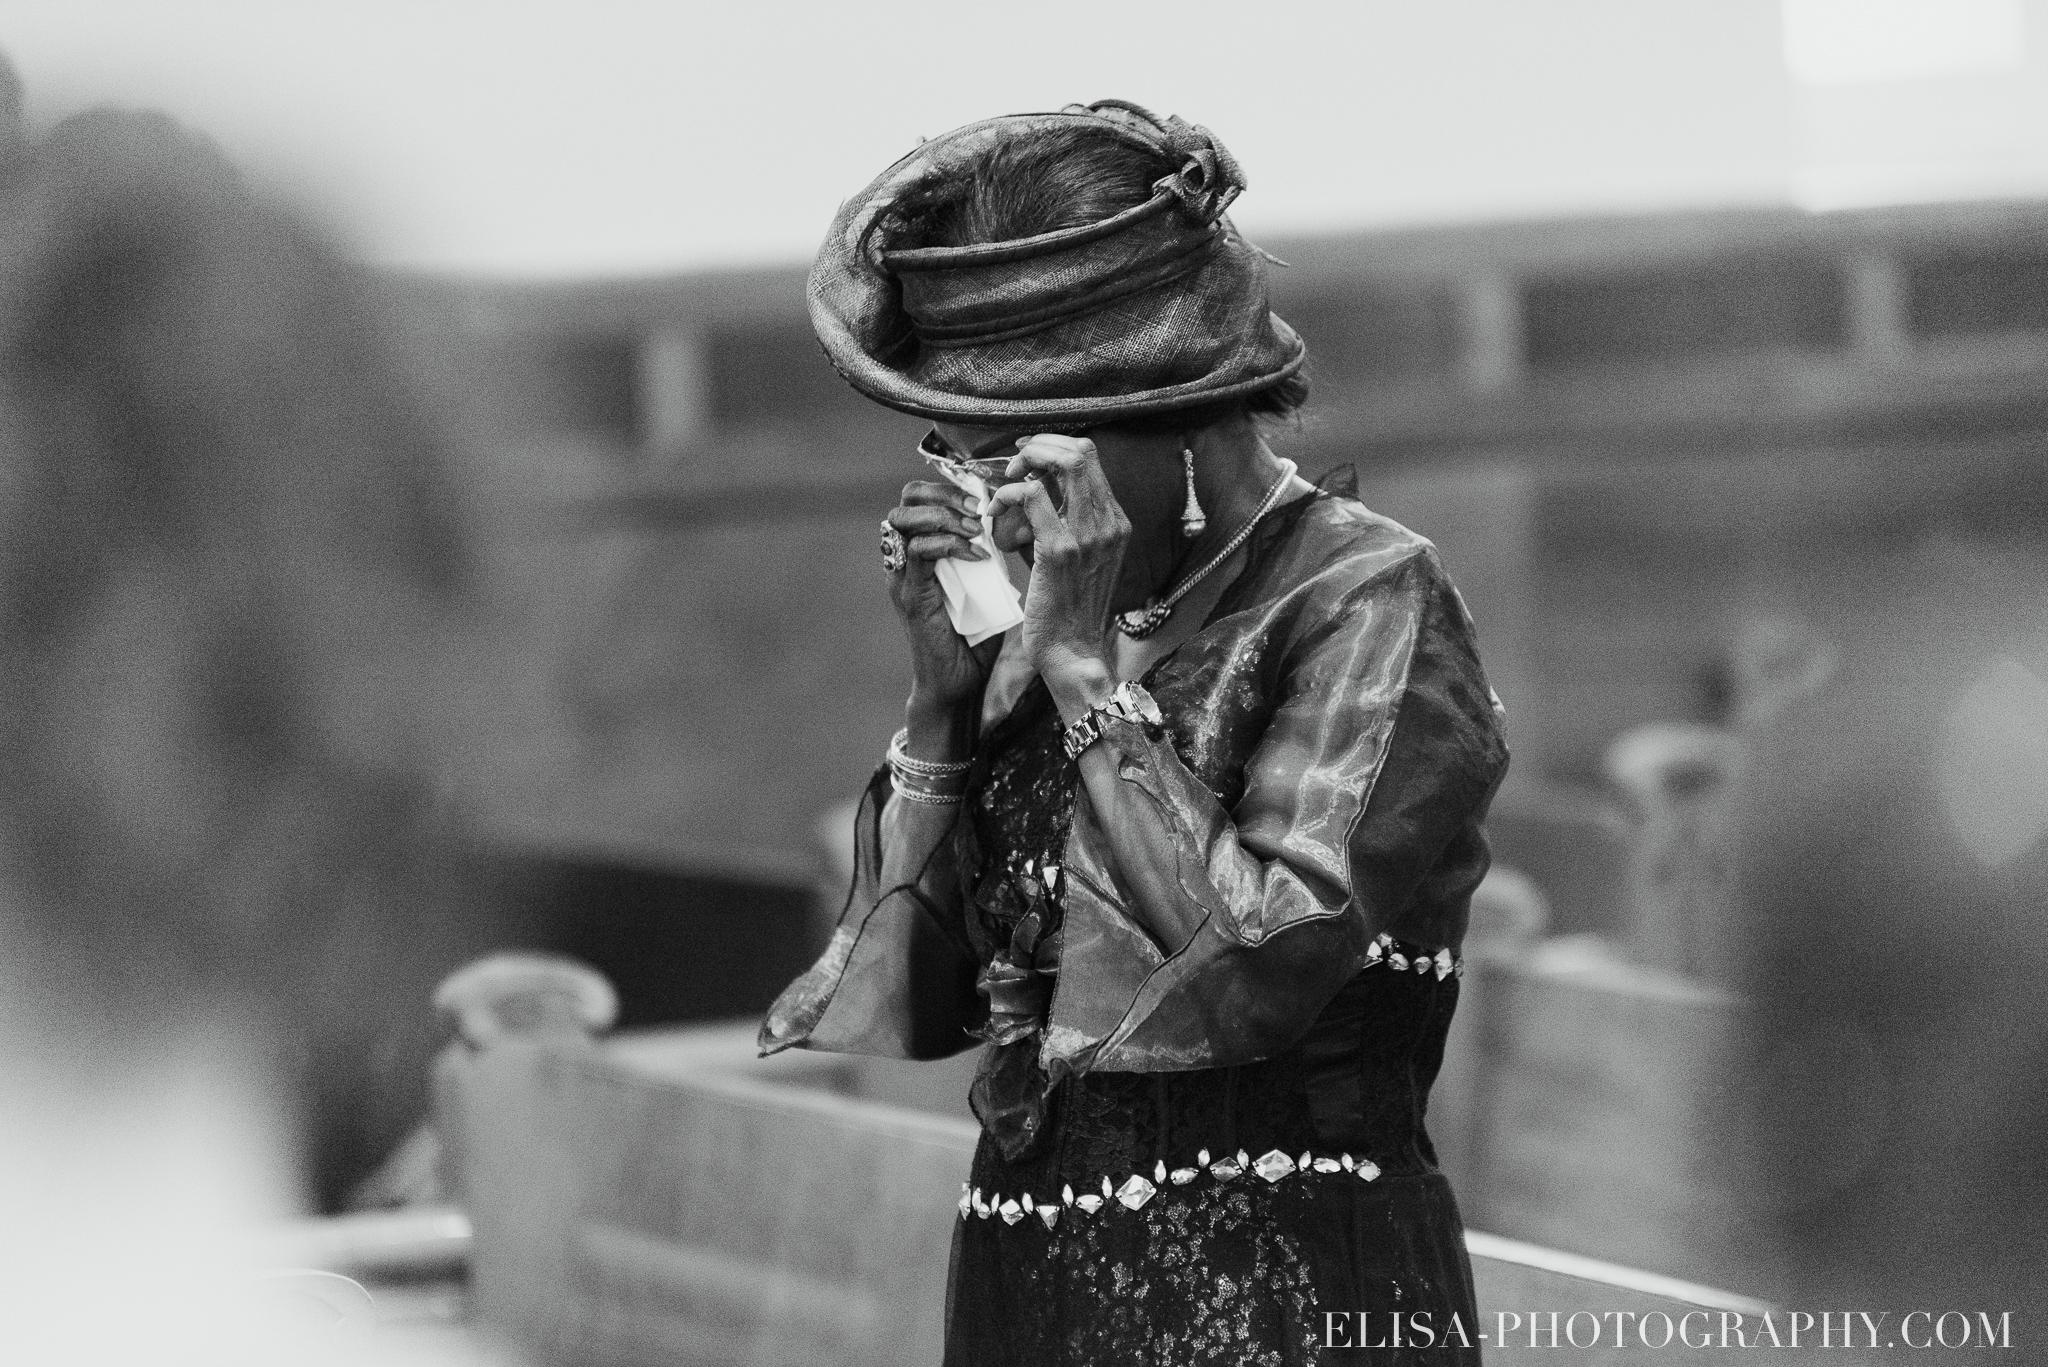 photo mariage ville quebec automne ceremonie eglise de cap rouge 7400 - Mariage au Golf de Cap-Rouge, ville de Québec: Stéphanie & William